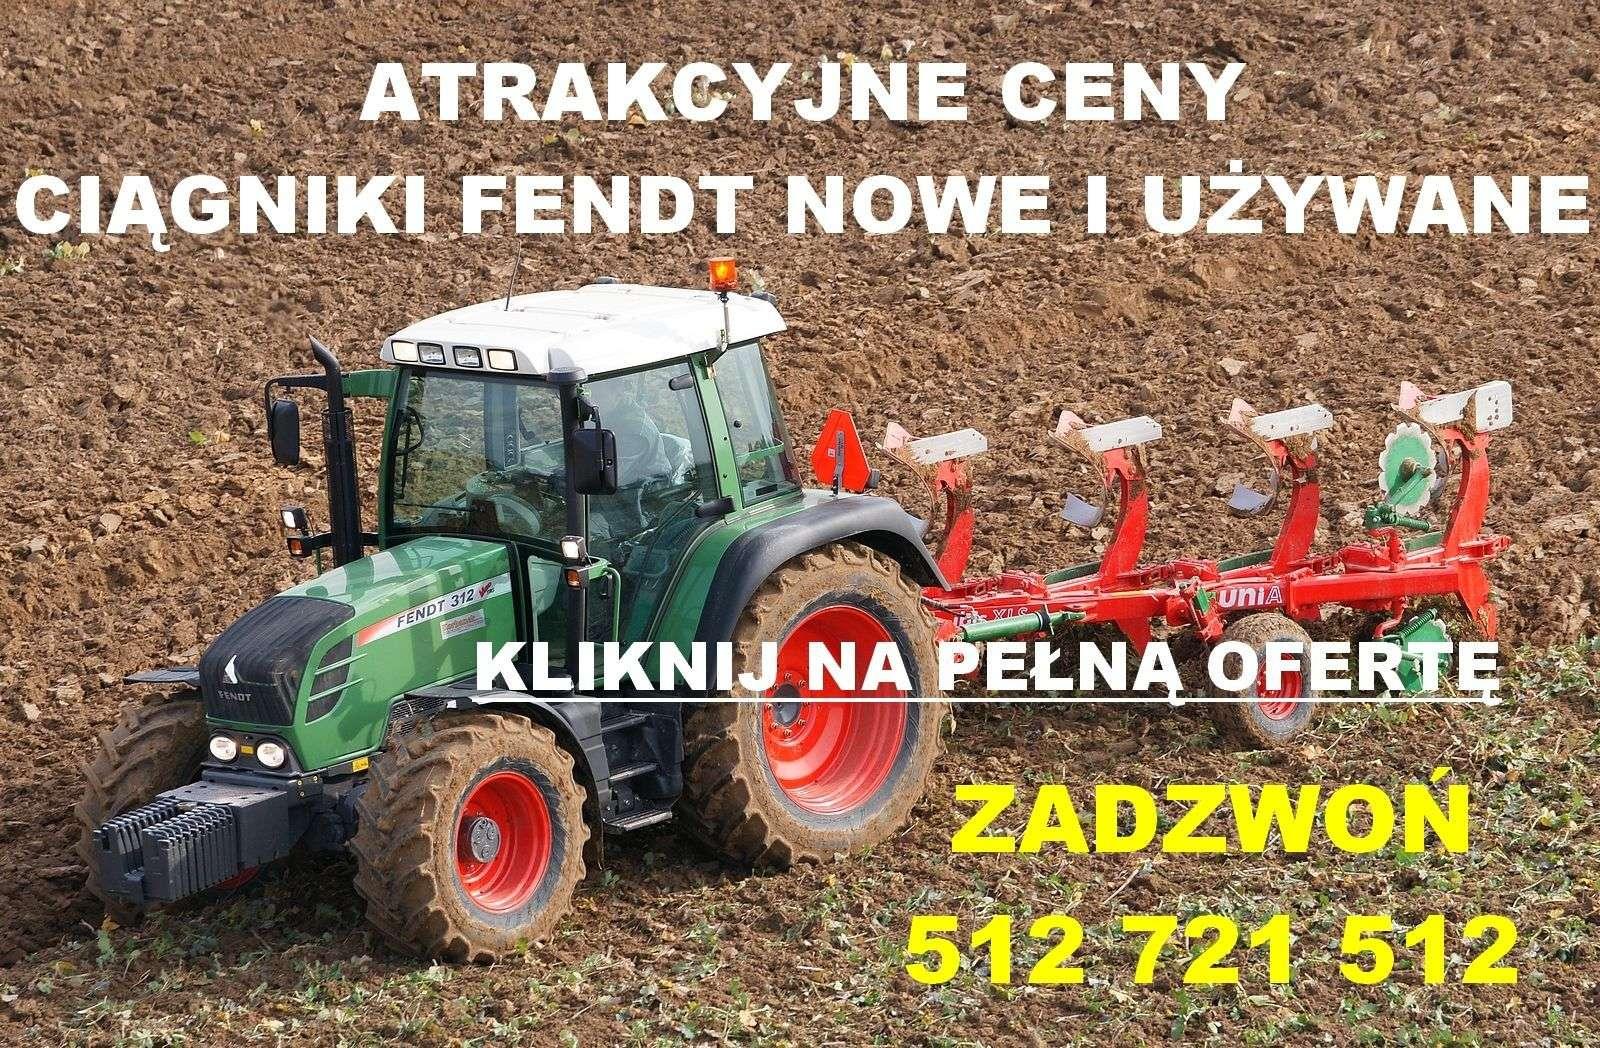 Reklama atrakcyjne ceny ciagniki Fendt biały napis na tle ciagnika Fendt podczas pracy w polu